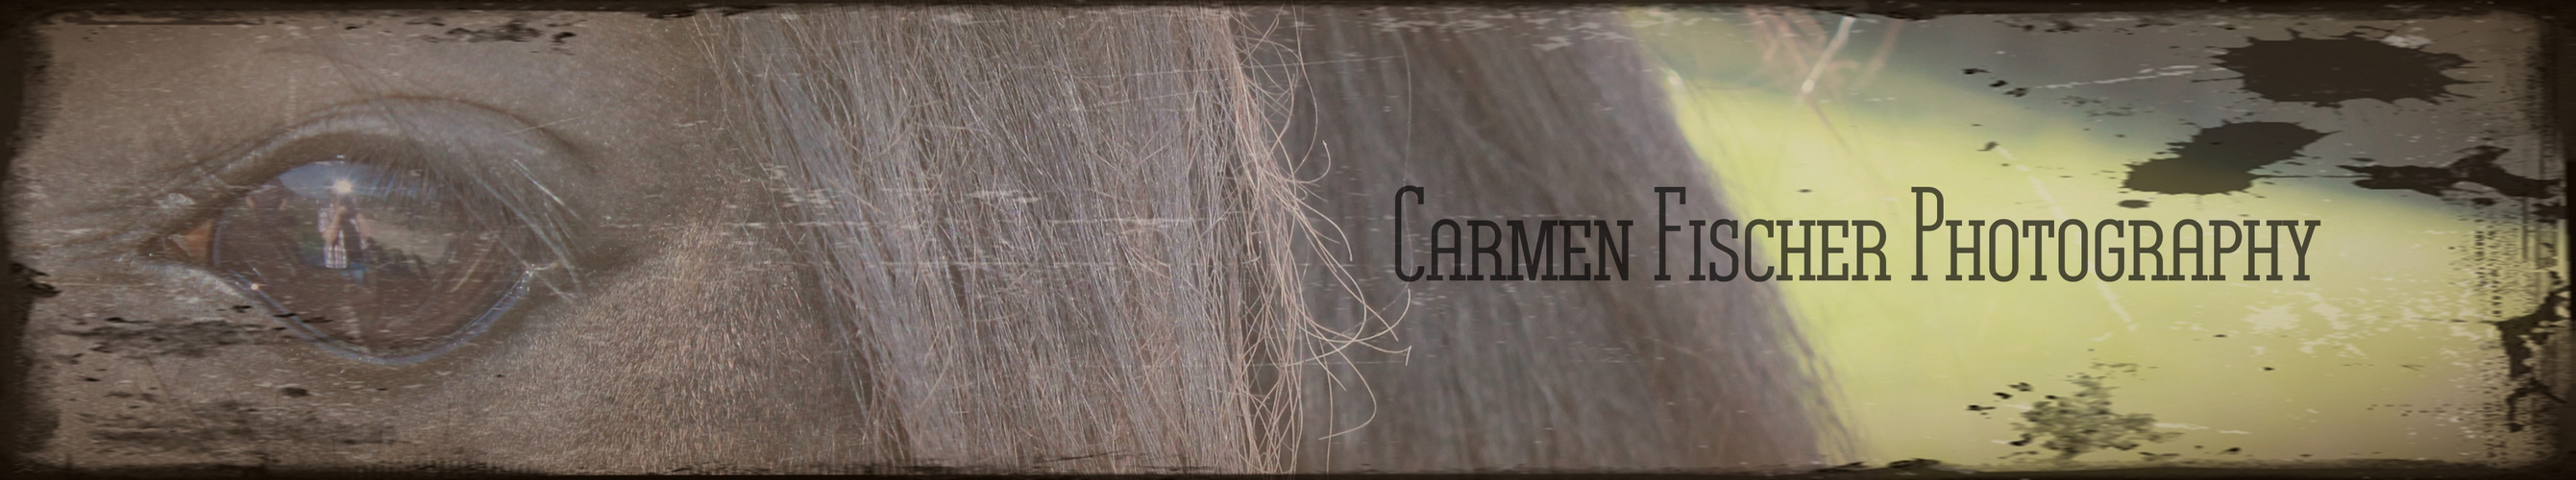 Carmen Fischer Photography